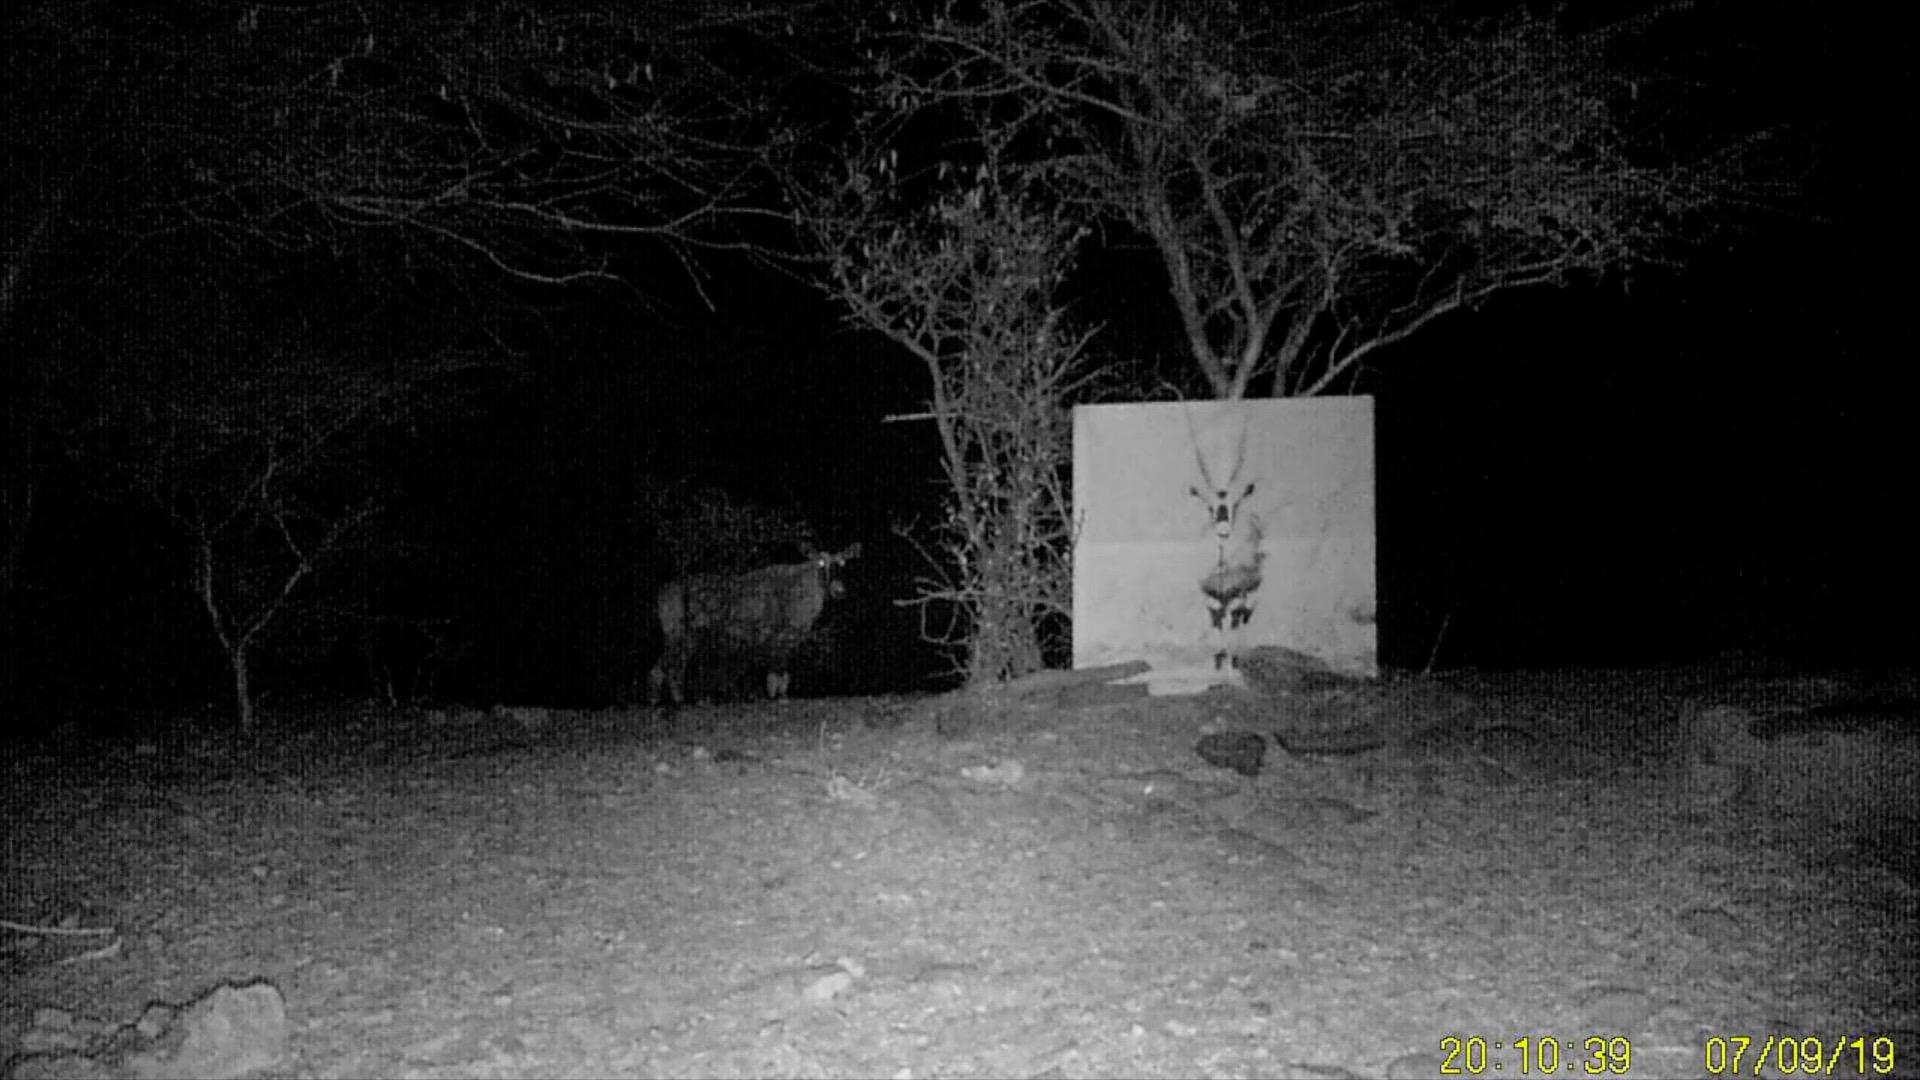 Filmstill SUPERWILDVISION Namibia 2019, Afrika, Kunstprojekt von Irene Mueller, Antilope steht bei Gemaelde